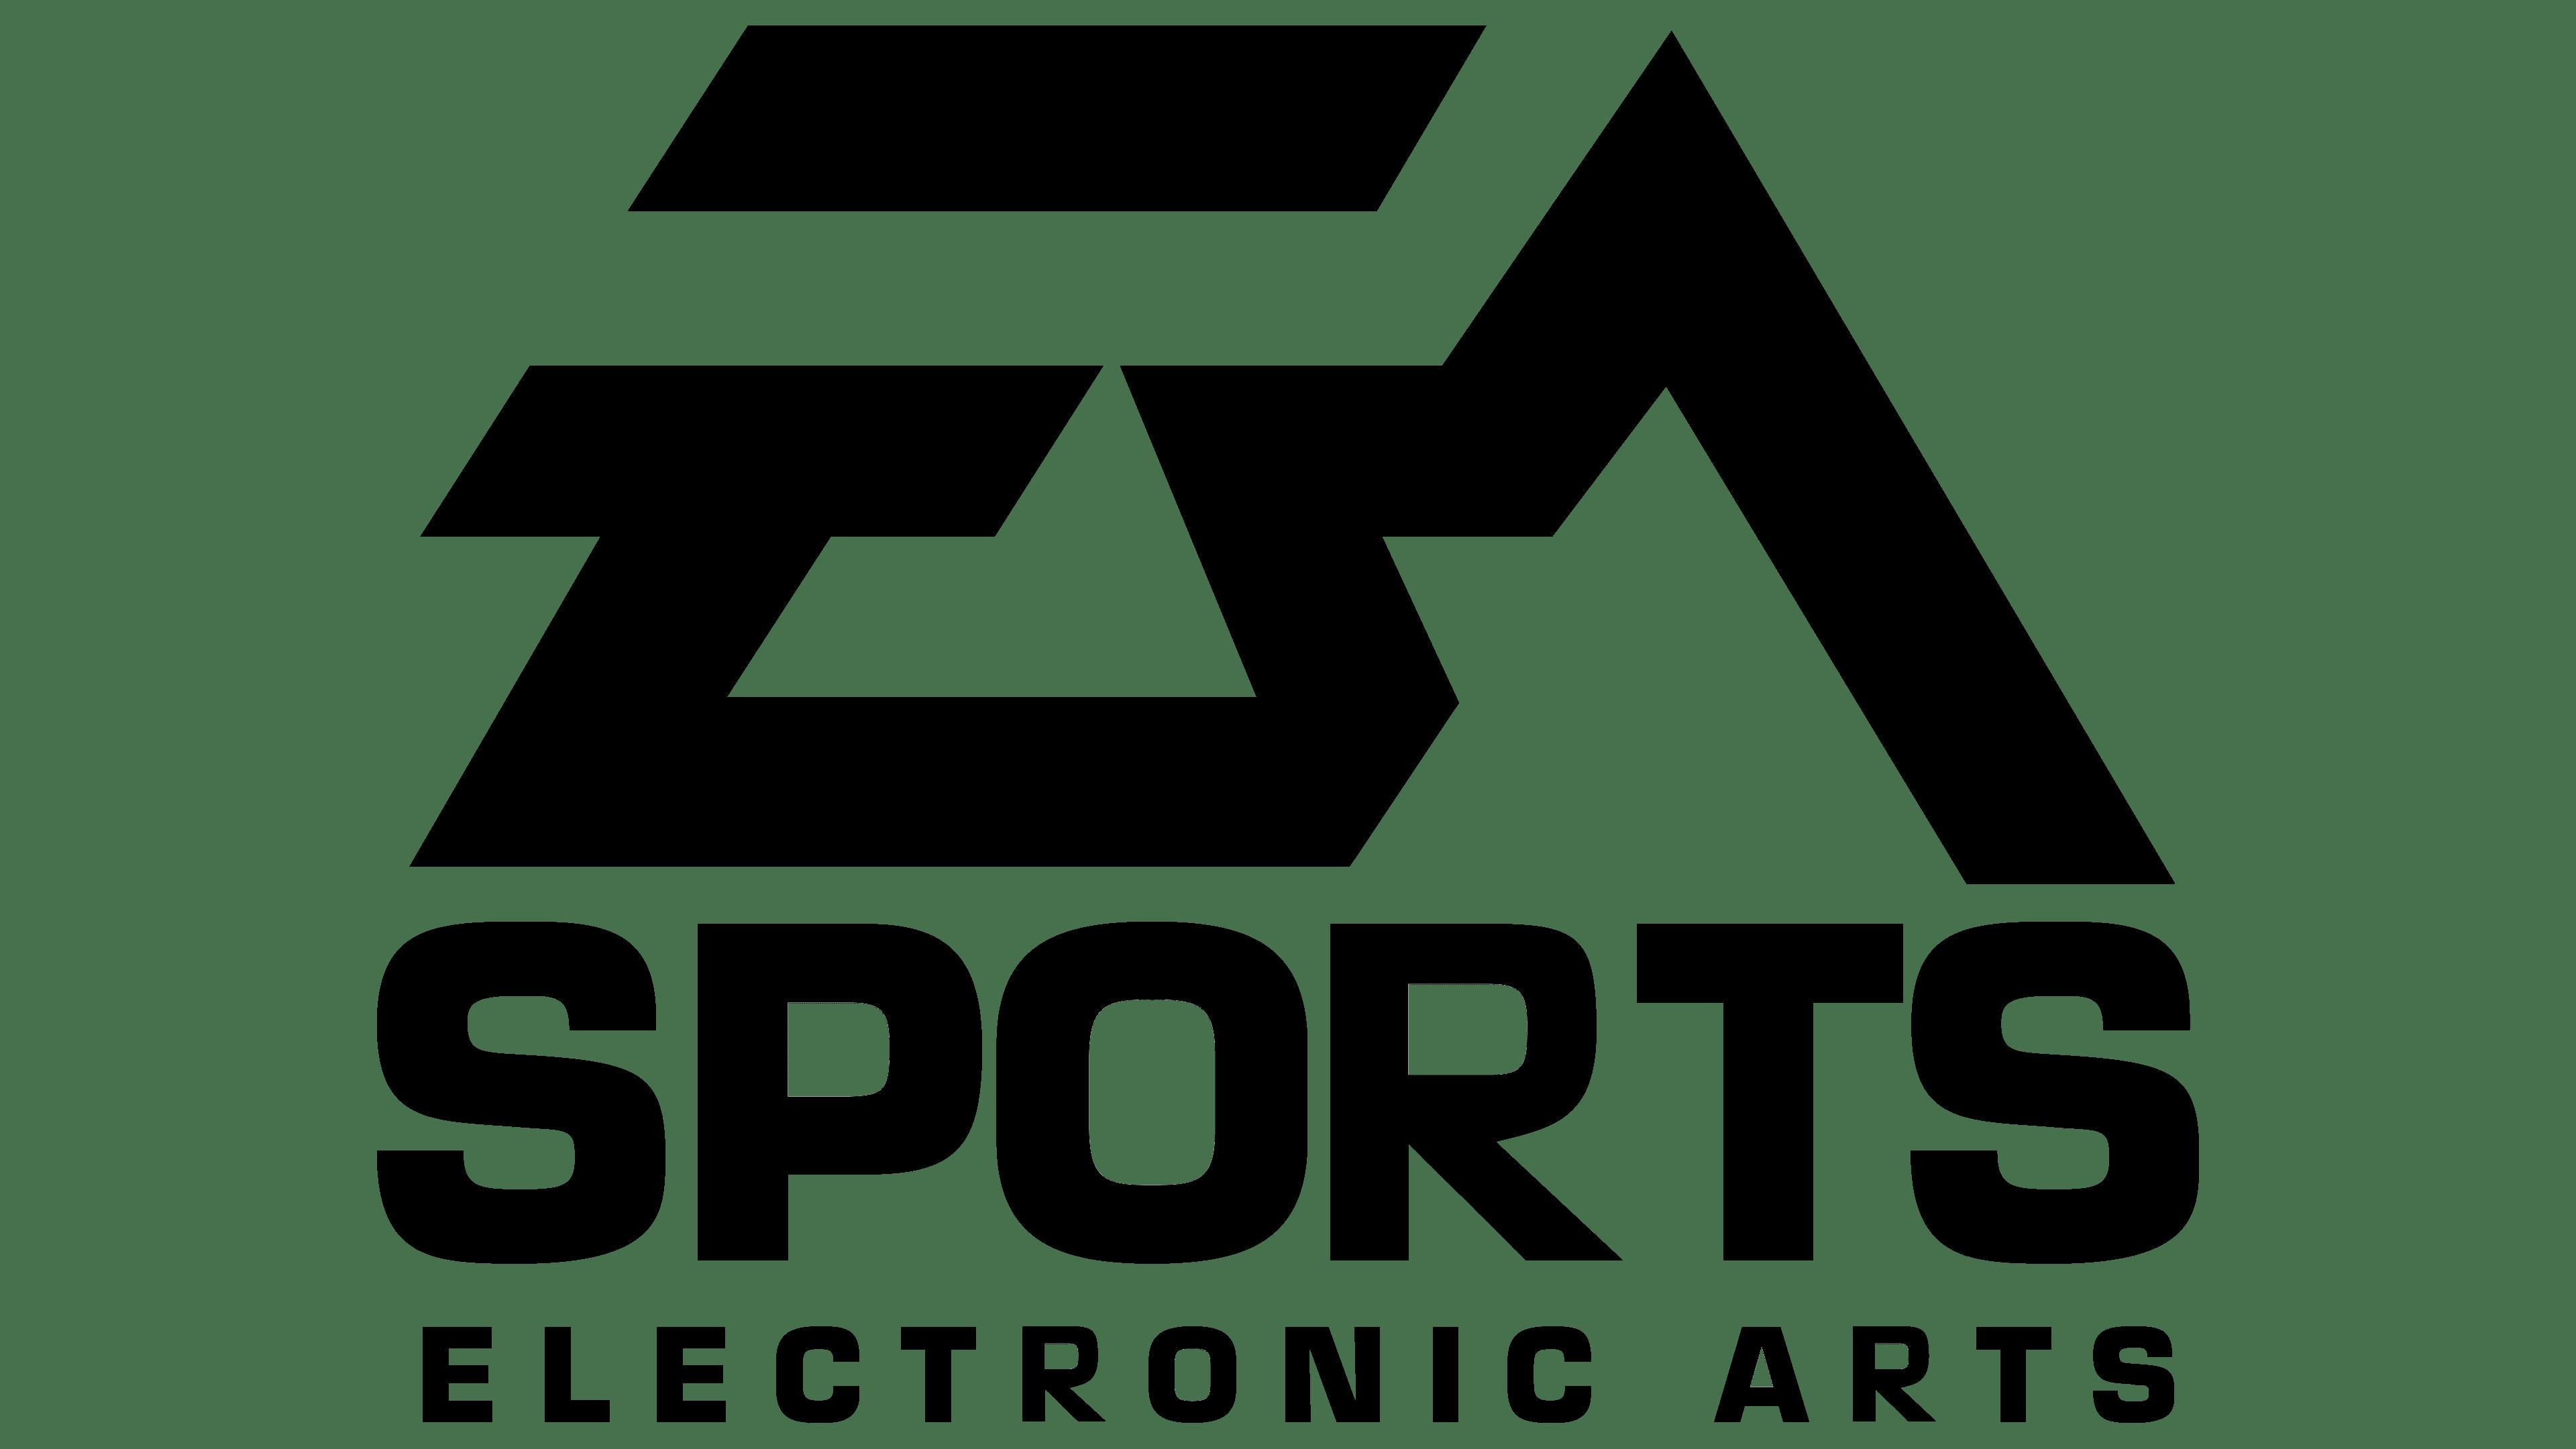 ACCIONES ELECTRONIC ARTS